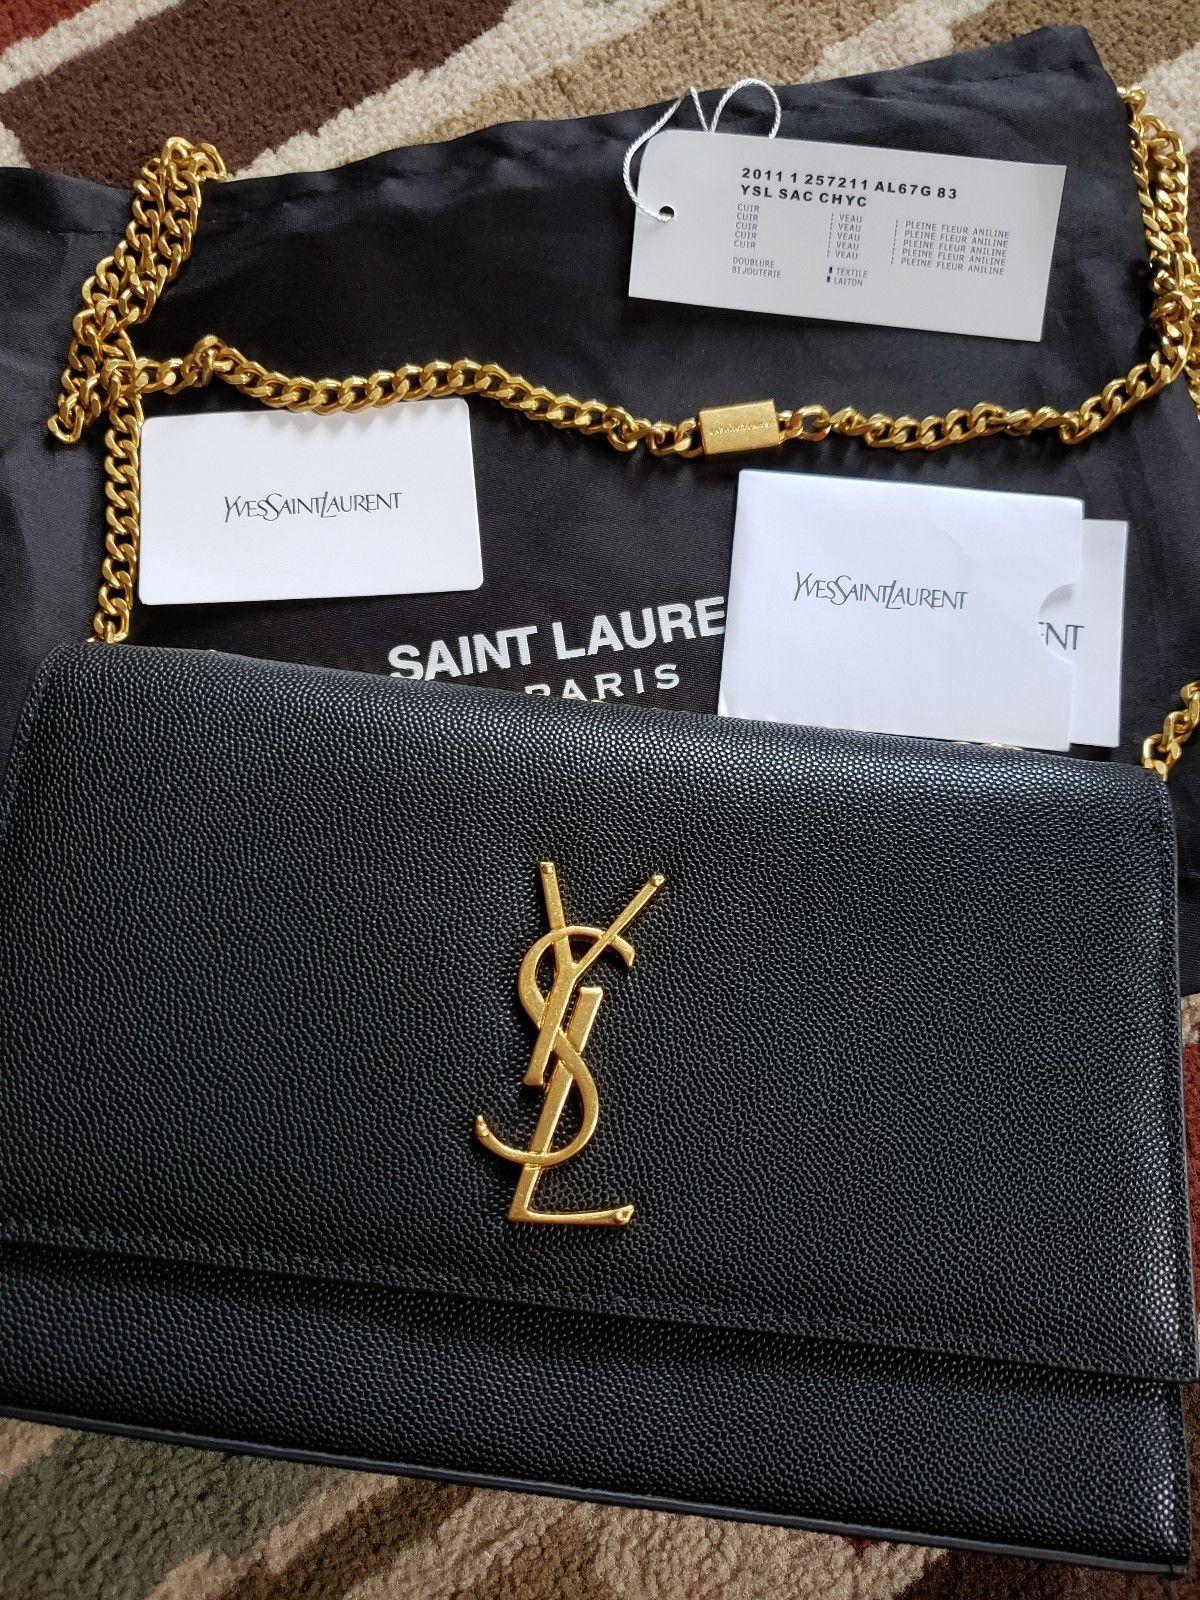 00e1ef9ff790 Details about 100% Authentic Handbag Saint Laurent YSL Kate Chain ...